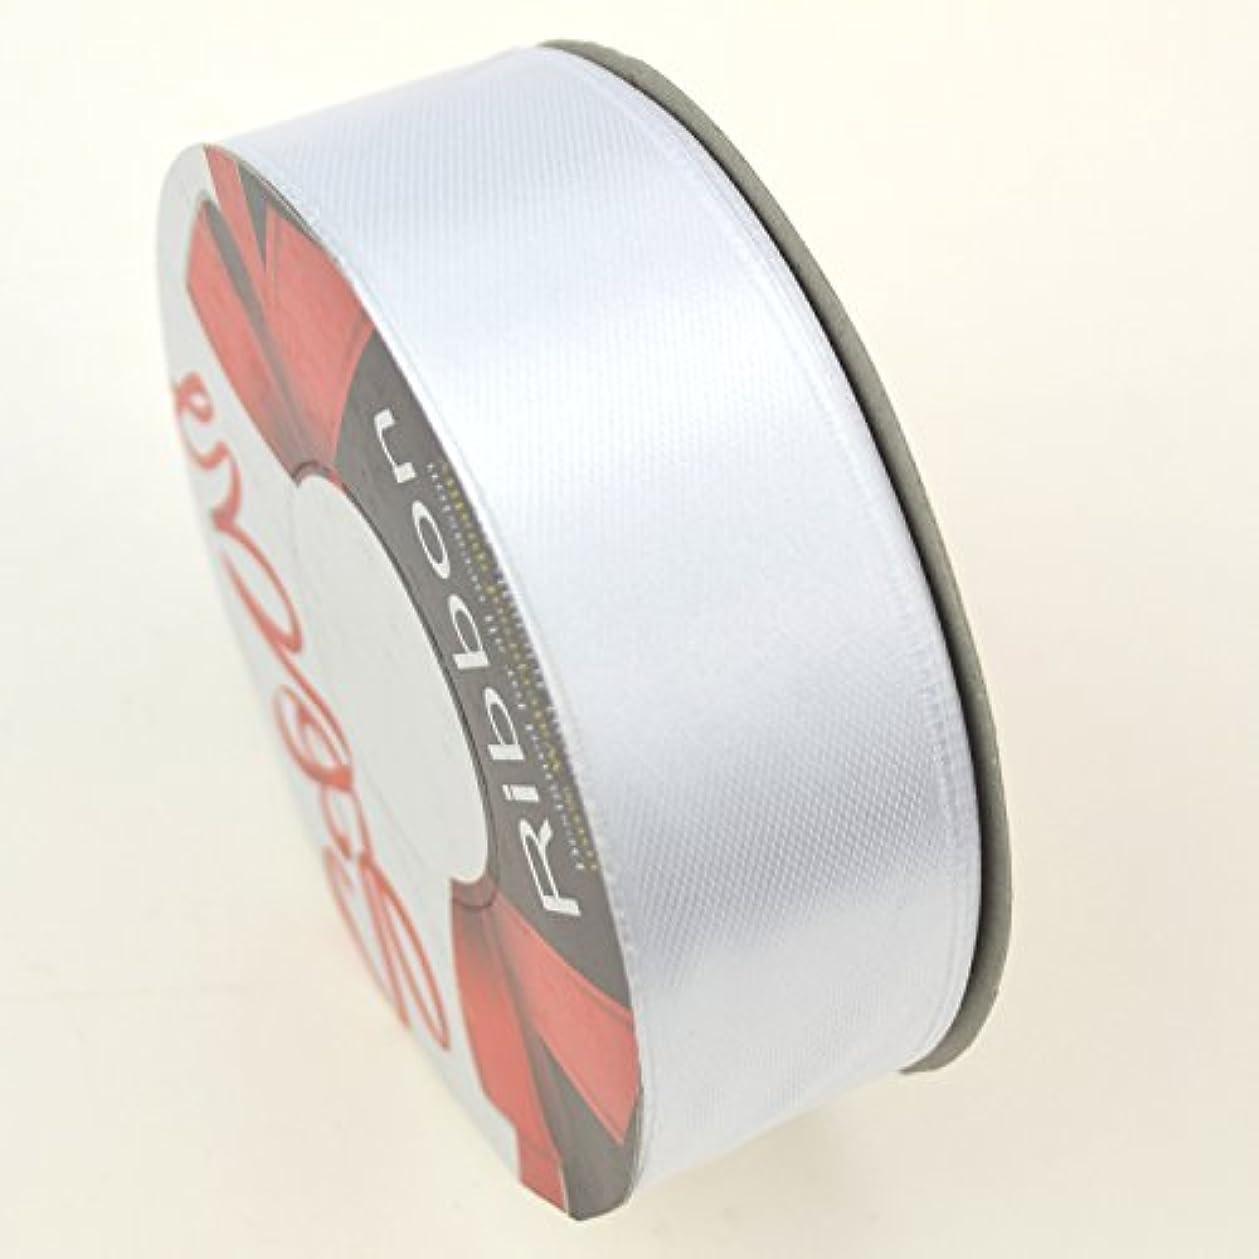 誇張乳製品深さNippontstar 花束リボン DIY用サテンリボン 幅25mm×長さ22m工芸品 飾り リボン (25mm, 白色)